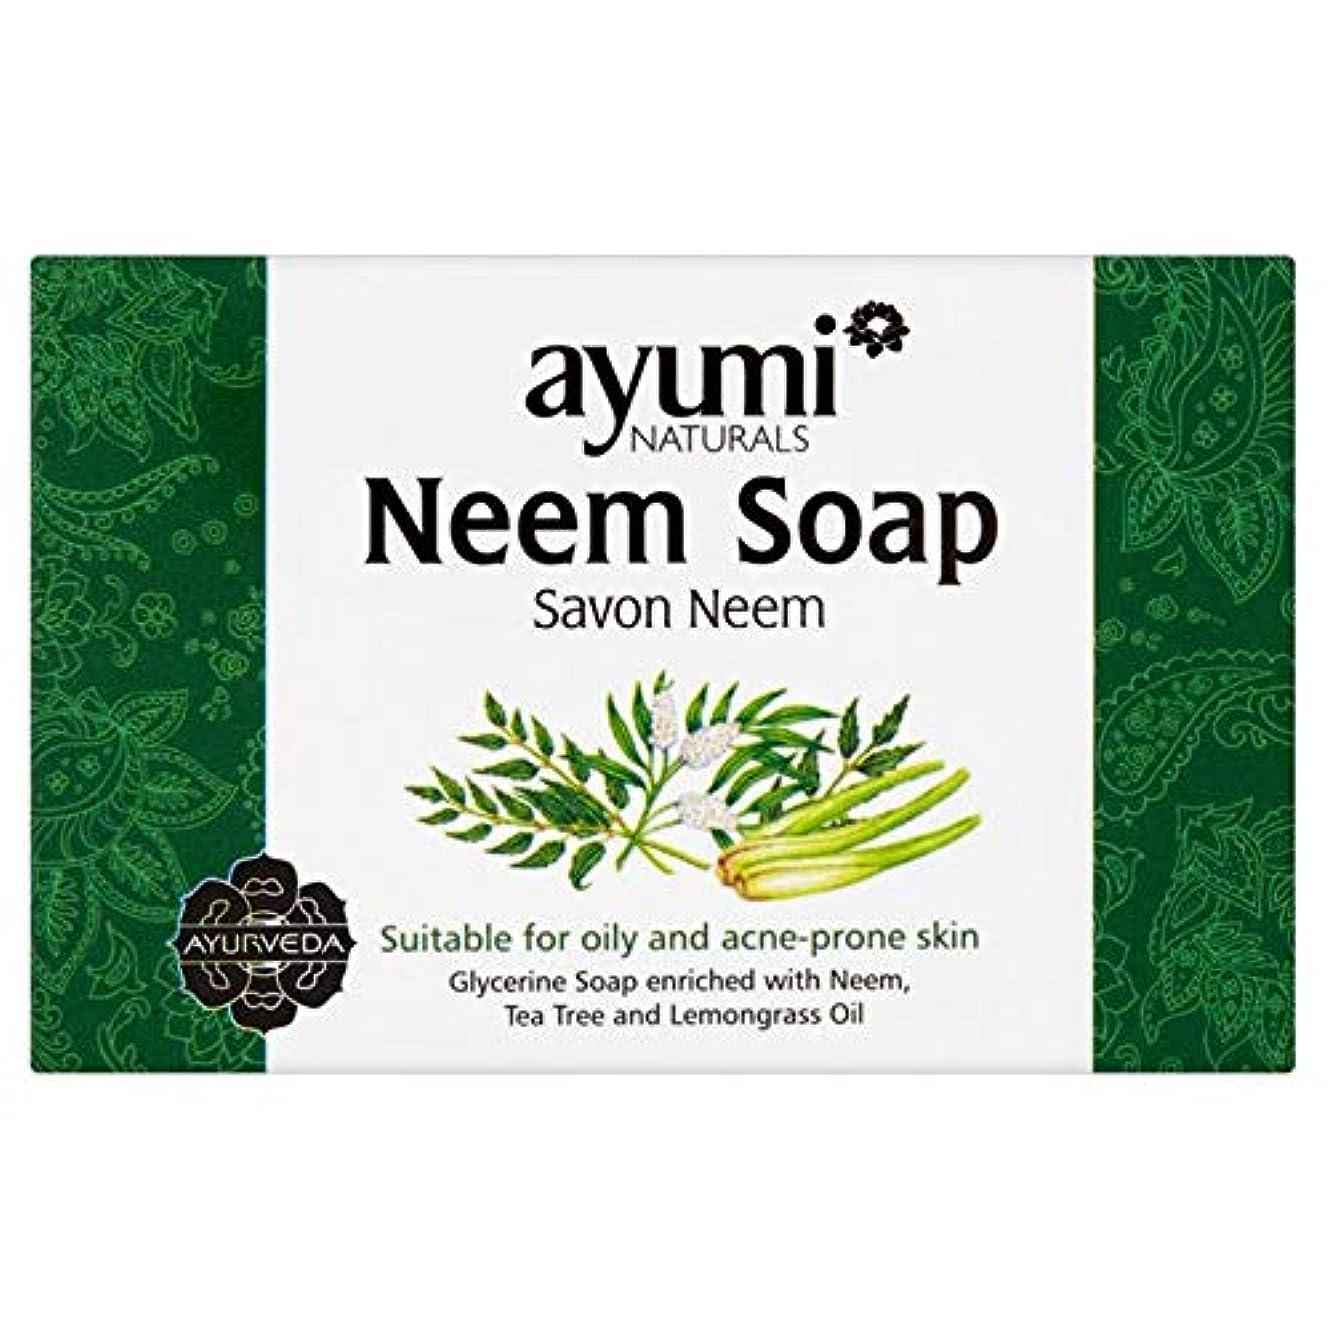 シプリー体操抽象化Ayuuri Ayurvedic Herbal Natural Neem Soap 100g by Ayuuri